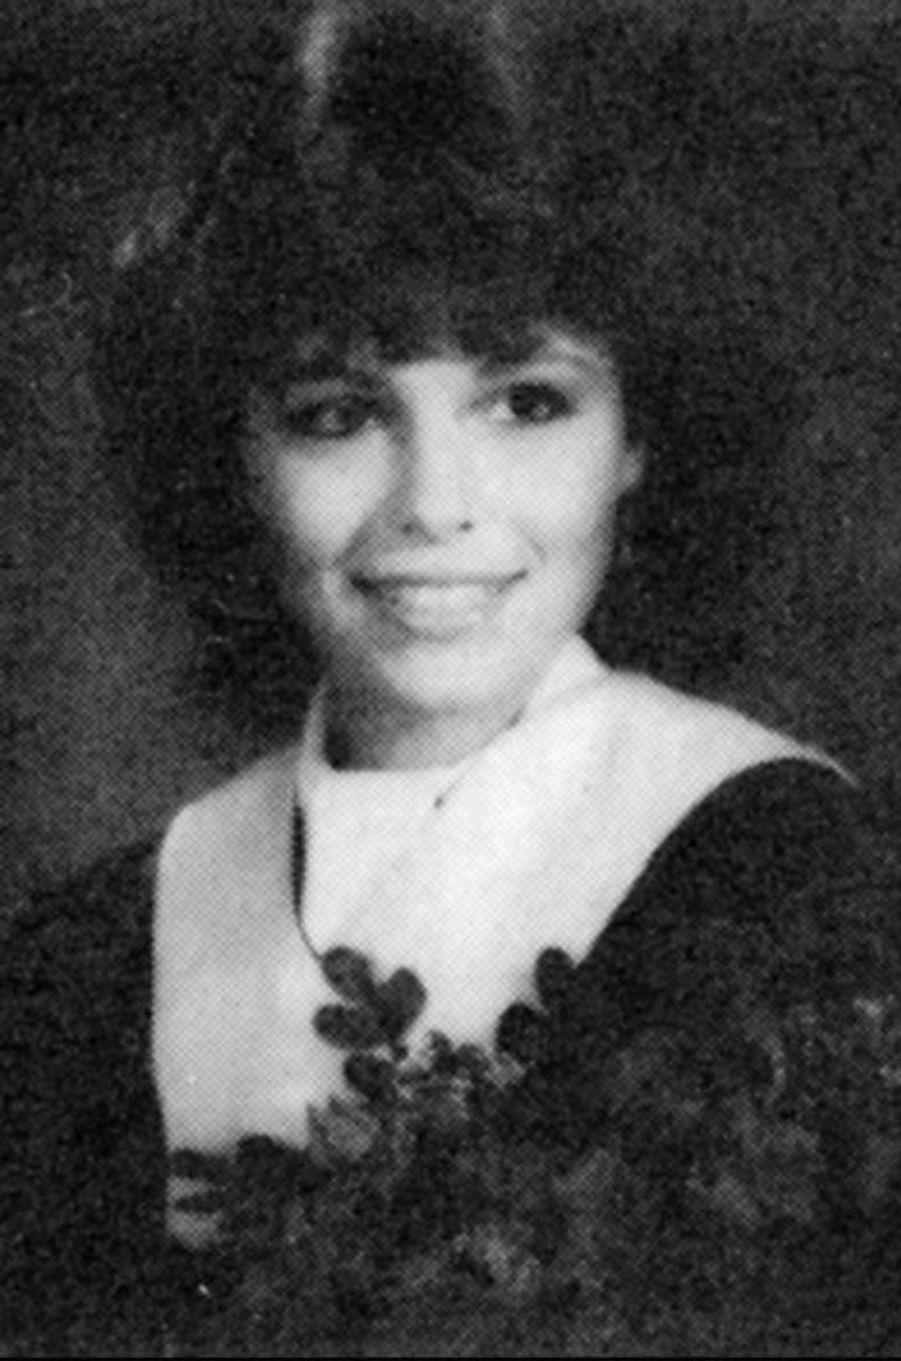 Découvrez le nom de cette star en surlignant le texte ci-après: =><font color=black><b>Pamela Anderson en 1985. Elle avait 18 ans.</font></b><=<br><br><br>